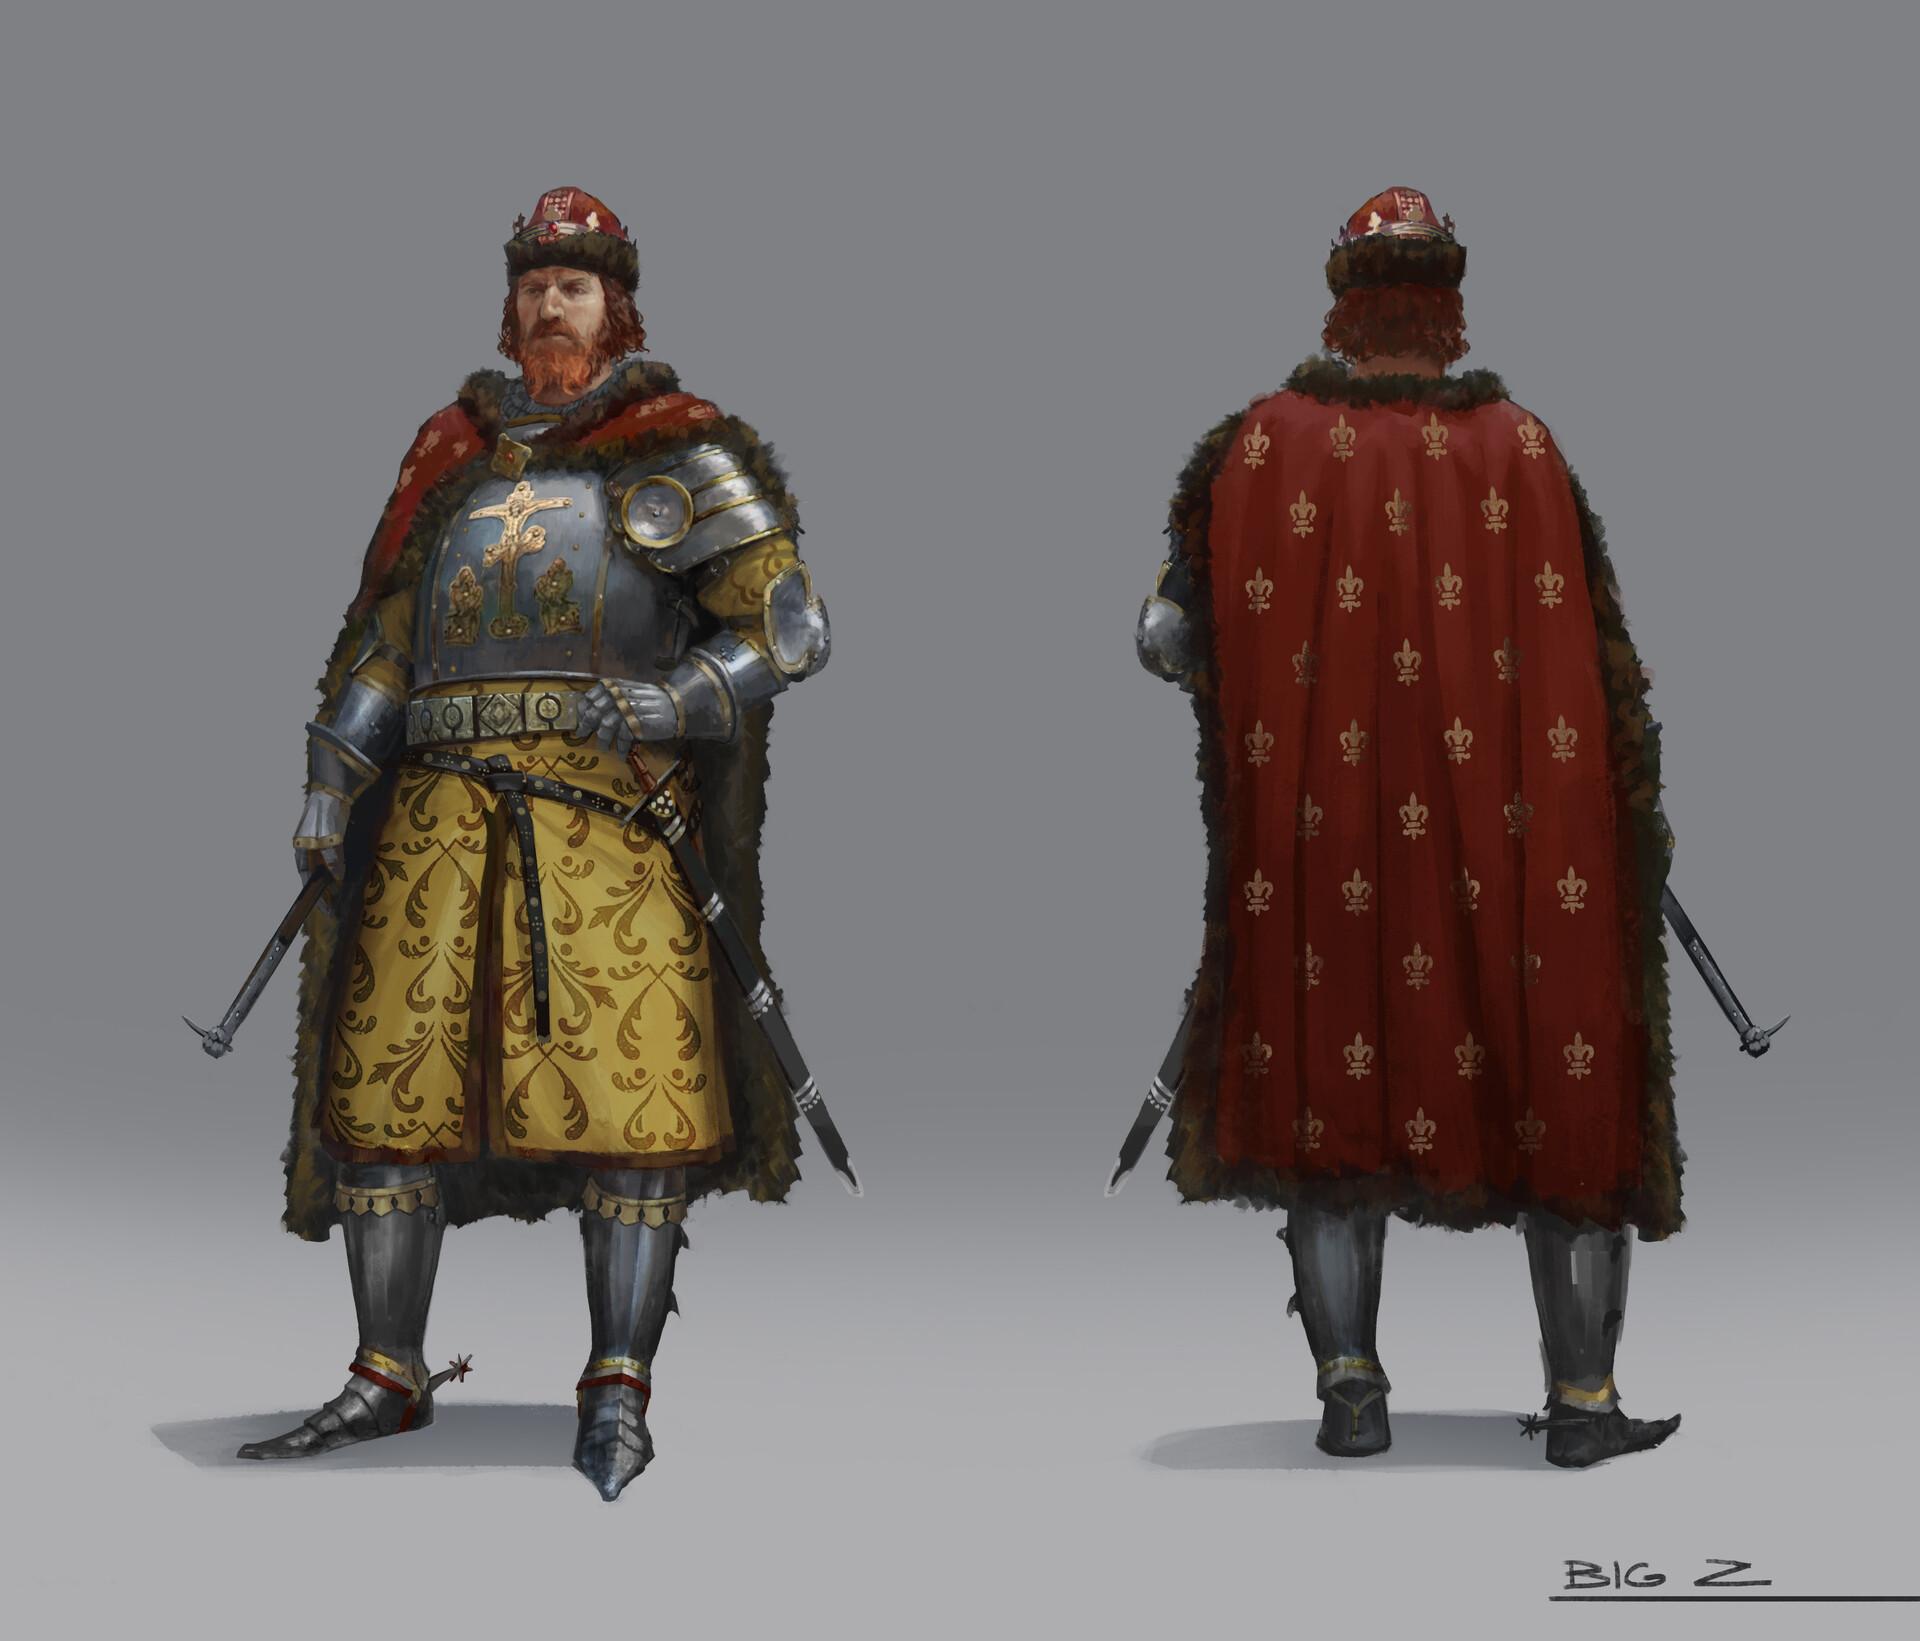 Sigismund concept